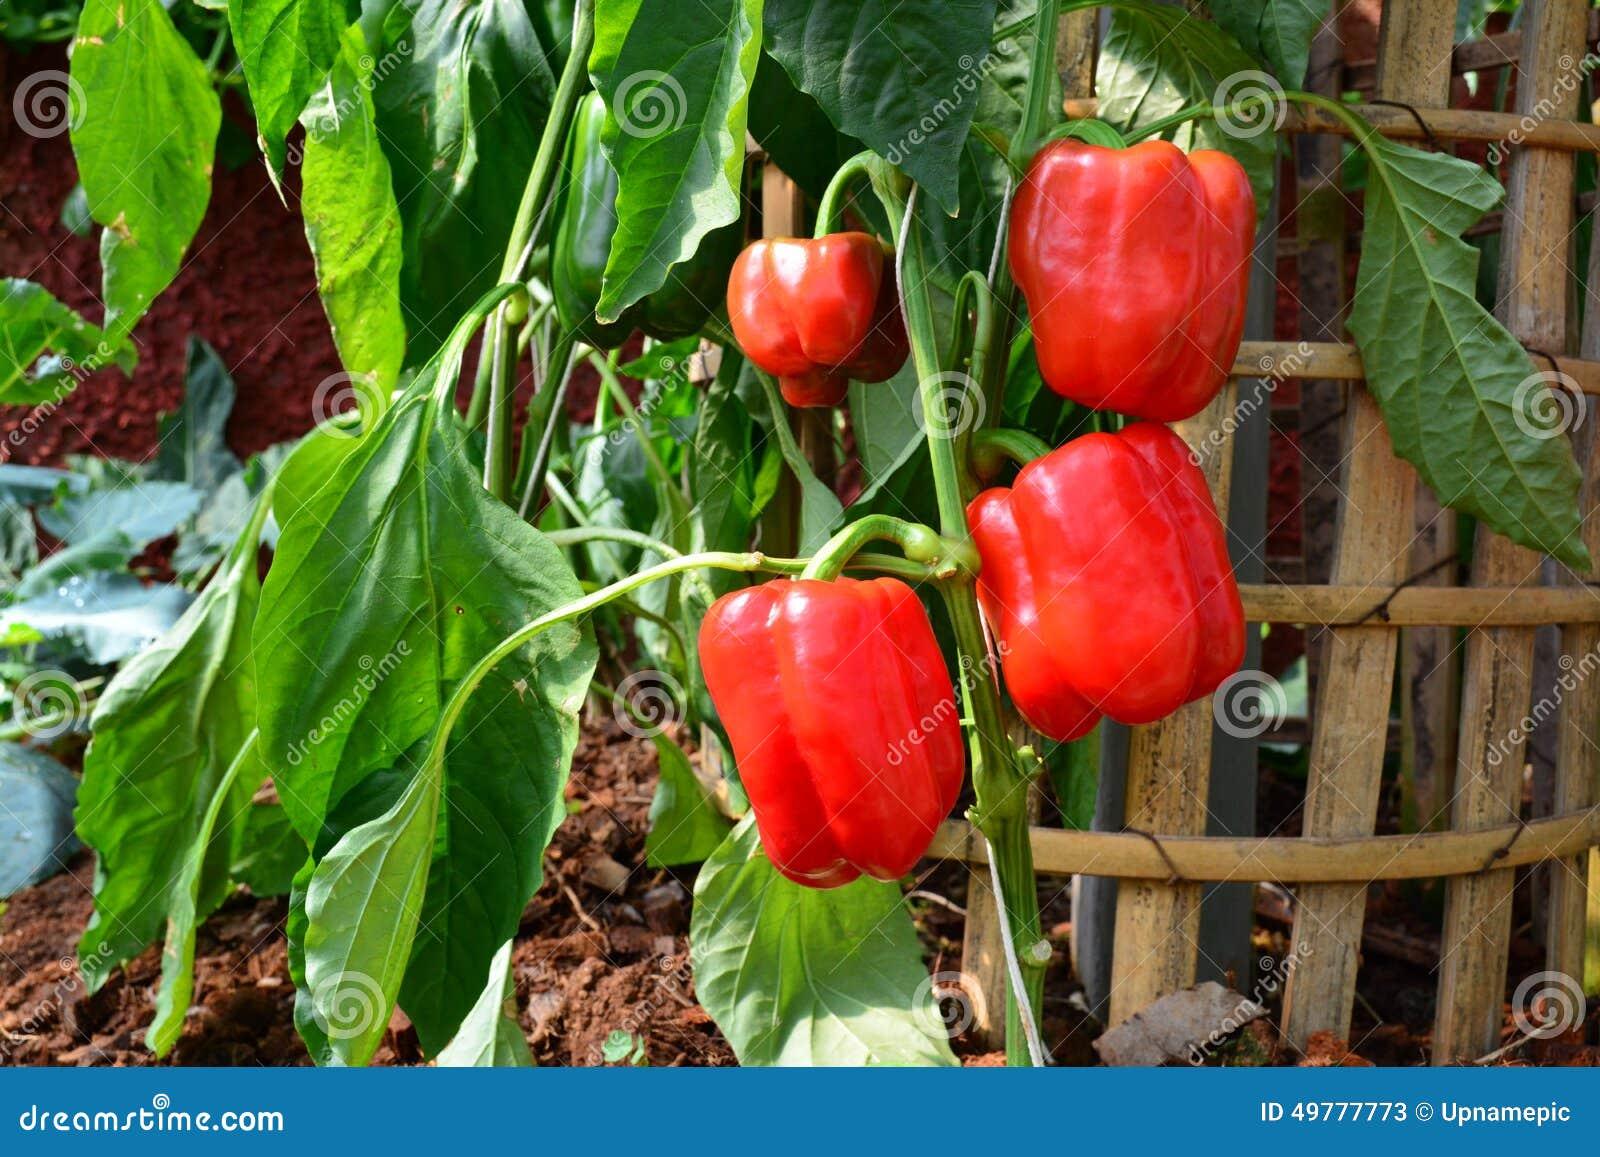 Poivron doux rouge paprika dans le jardin image stock for Entretien poivron jardin